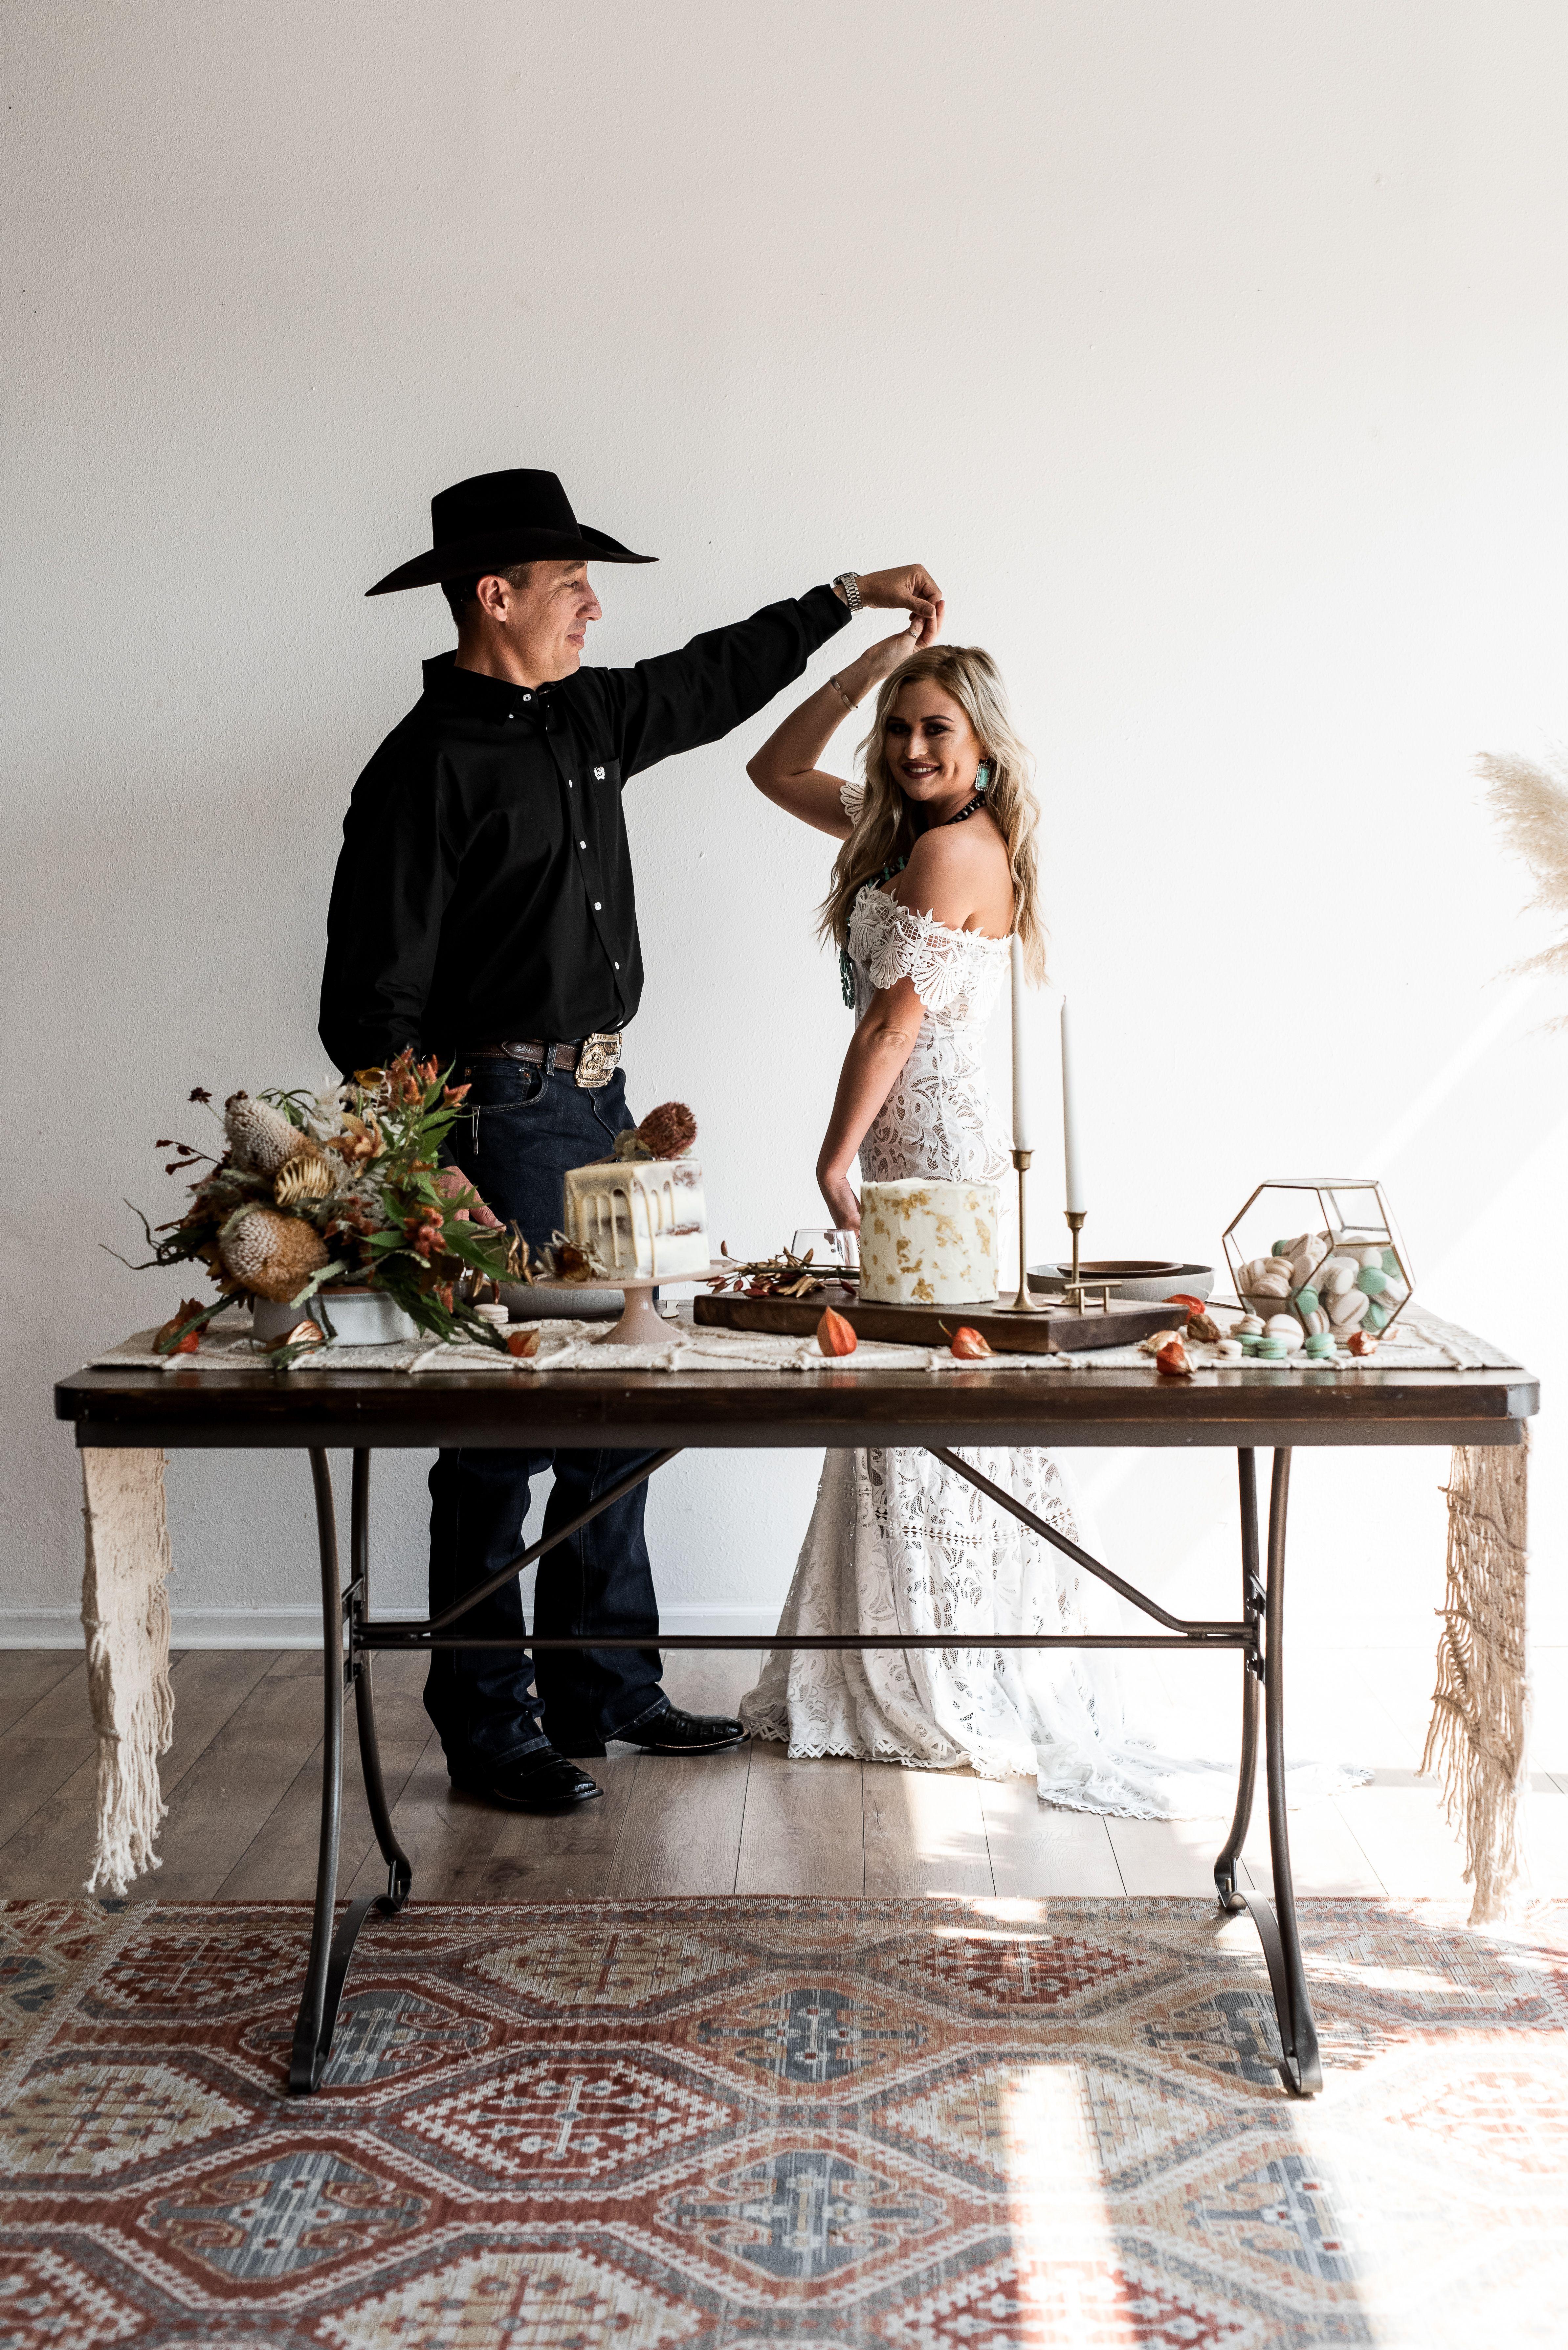 Photo by Jessica Isaacs Photography Styled shoot organized by Tirzah McFarland  #styledshoot #bohemianwedding #southwesternwedding #eclecticwedding #weddingphotos #ceremonybackdrop #theknot #fortworth #potd #engaged #photooftheday #love #couple #city #wedding #weddingwire #engagement #dallas #uptown #dallasphotographer #bride #groom #bridesofnorthtexas #laphotographer  #LAbride #losangelesbride #losangelesphotographer #la #californiabrides